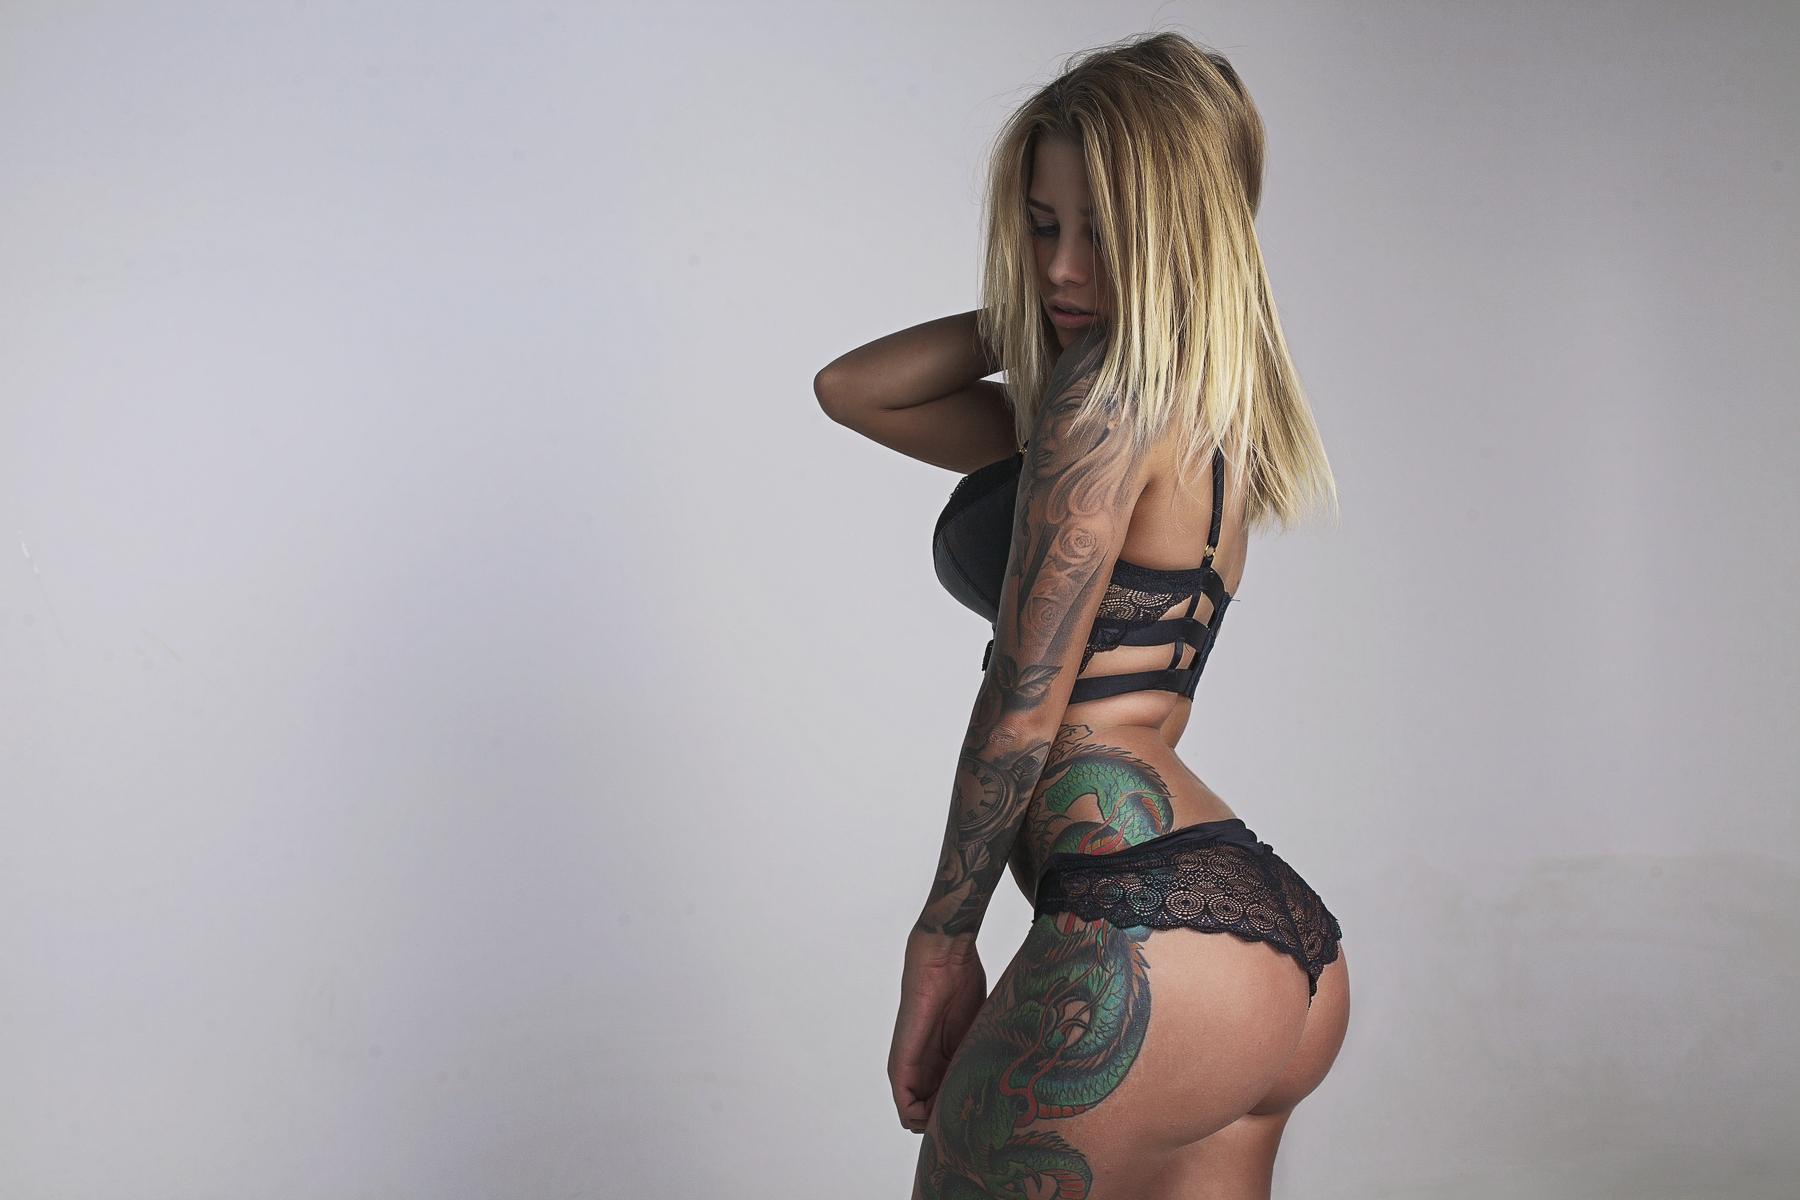 Загорелые блондинки и в тату, лесбиянки трио анал